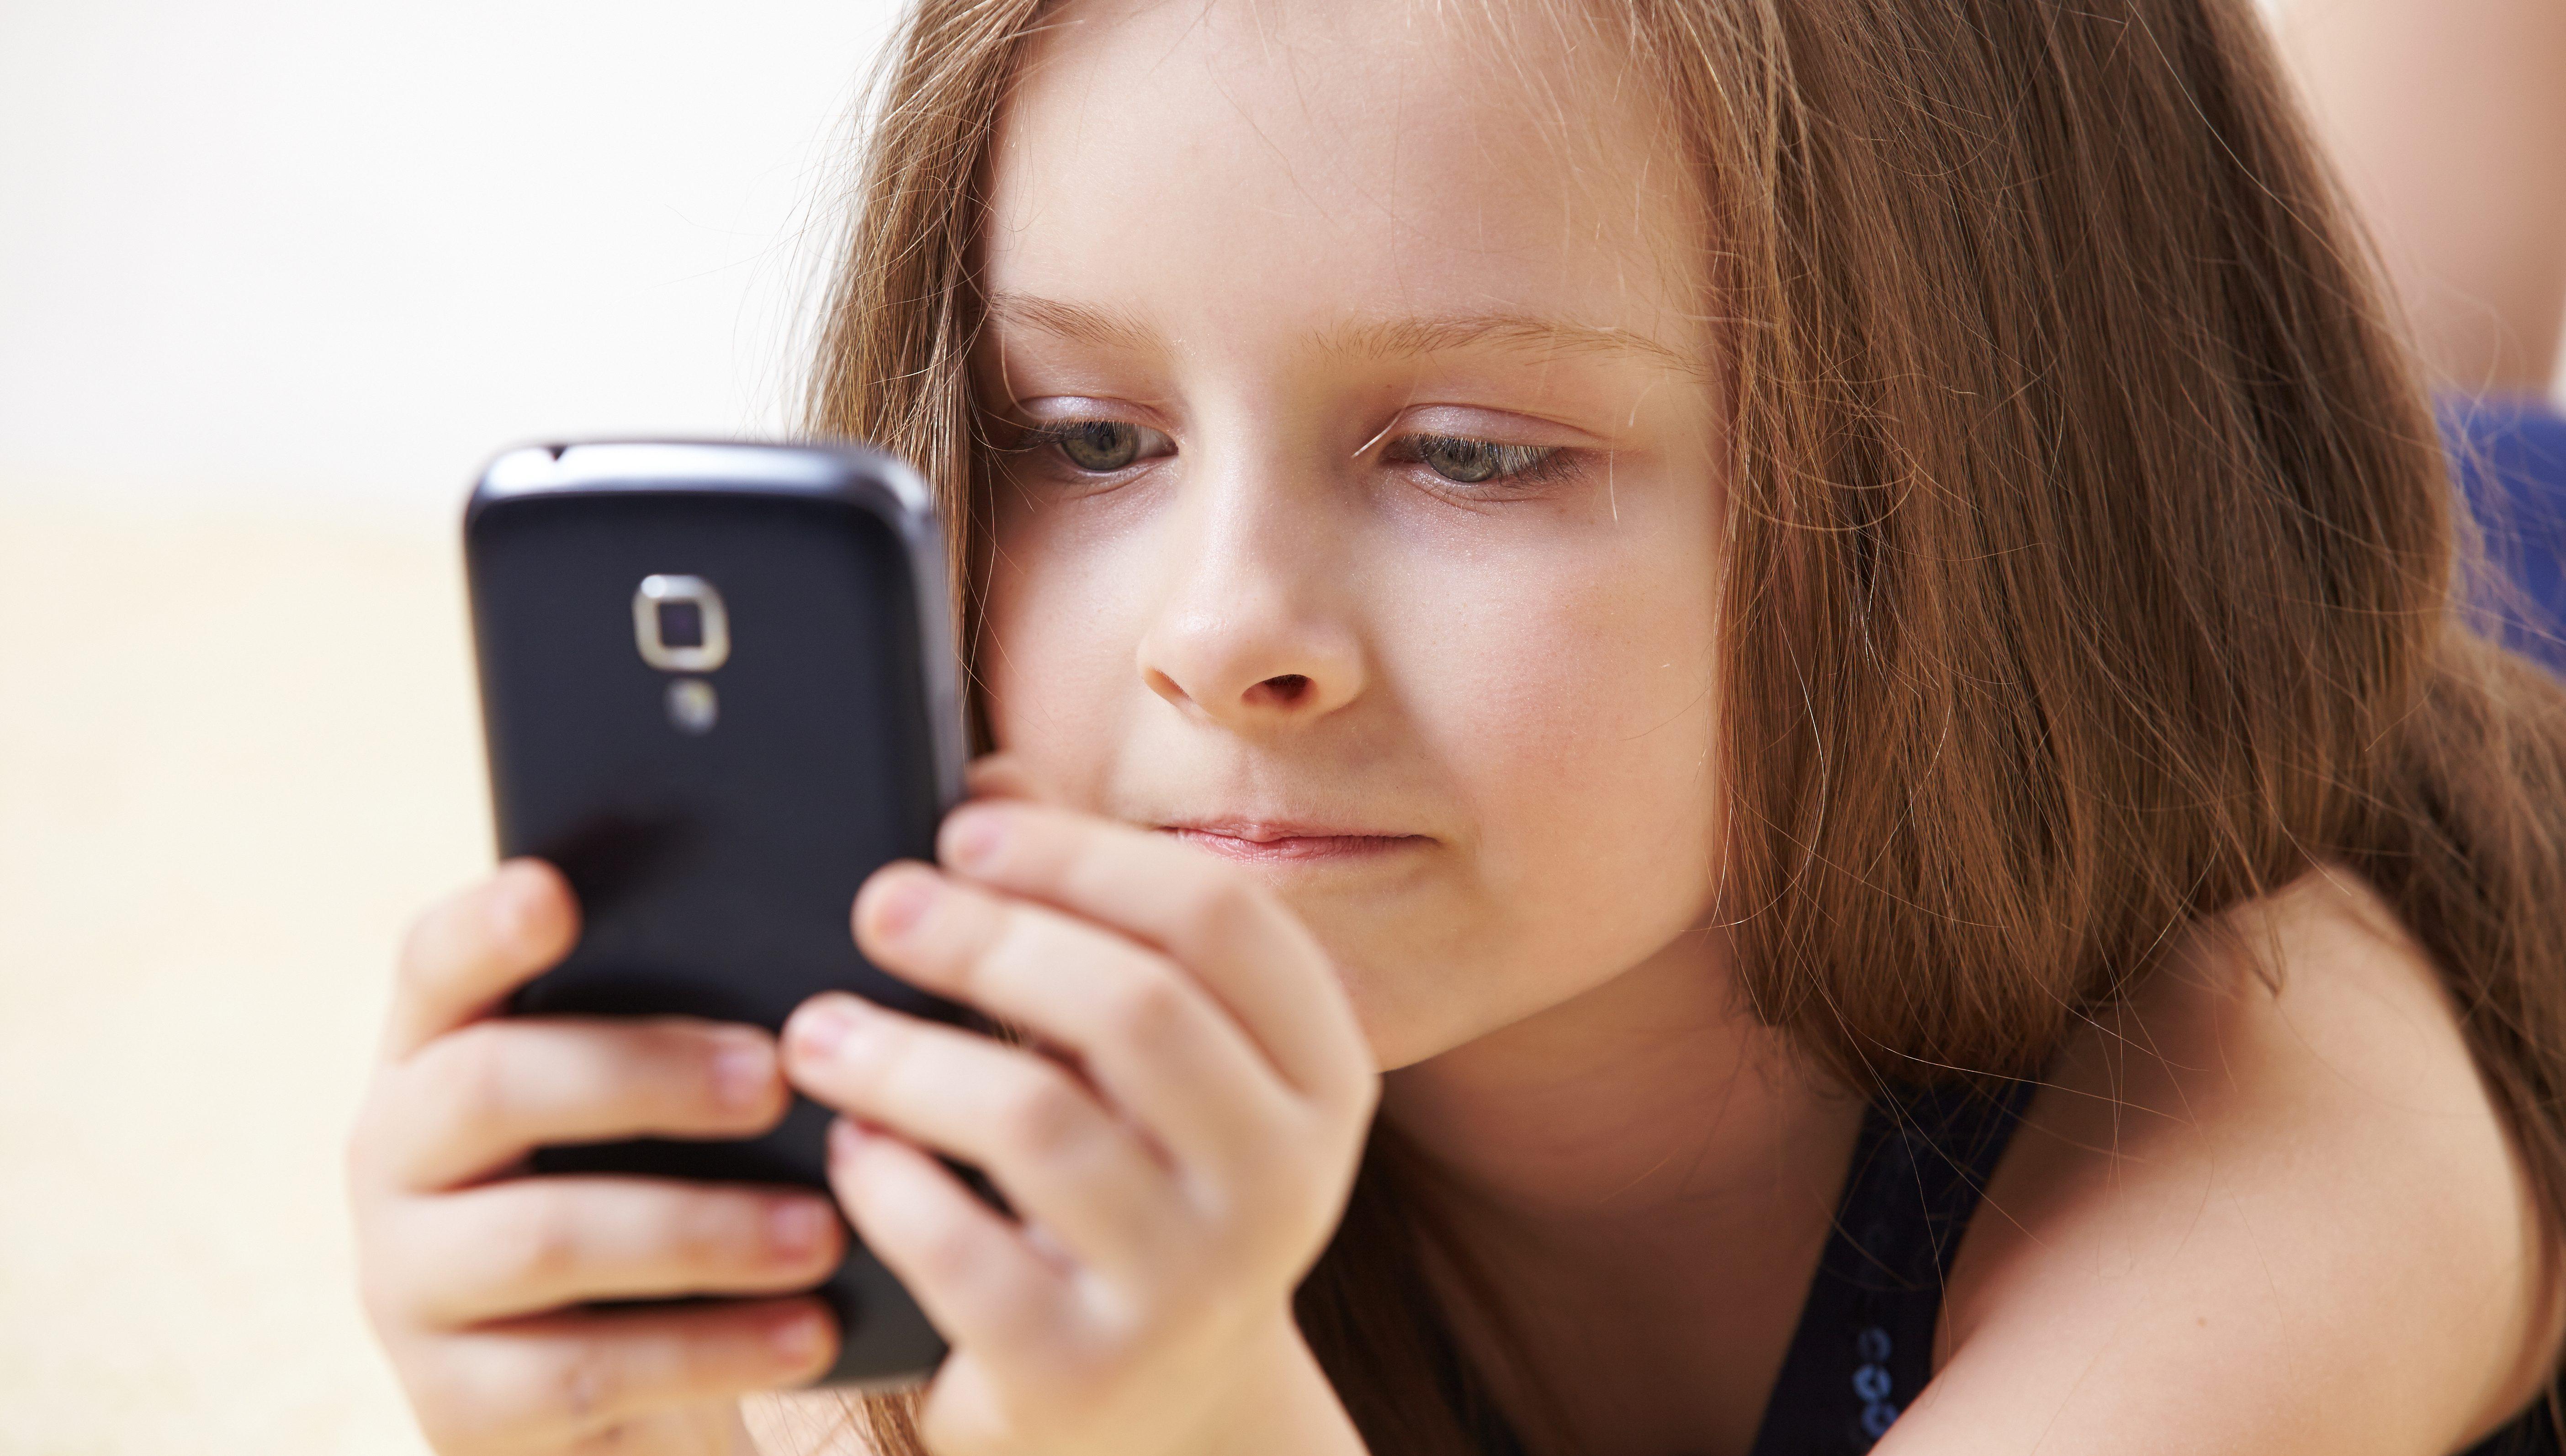 9fbfbe21a93b Какой телефон купить ребенку 7 лет: недорогие смартфоны с GPS для детей